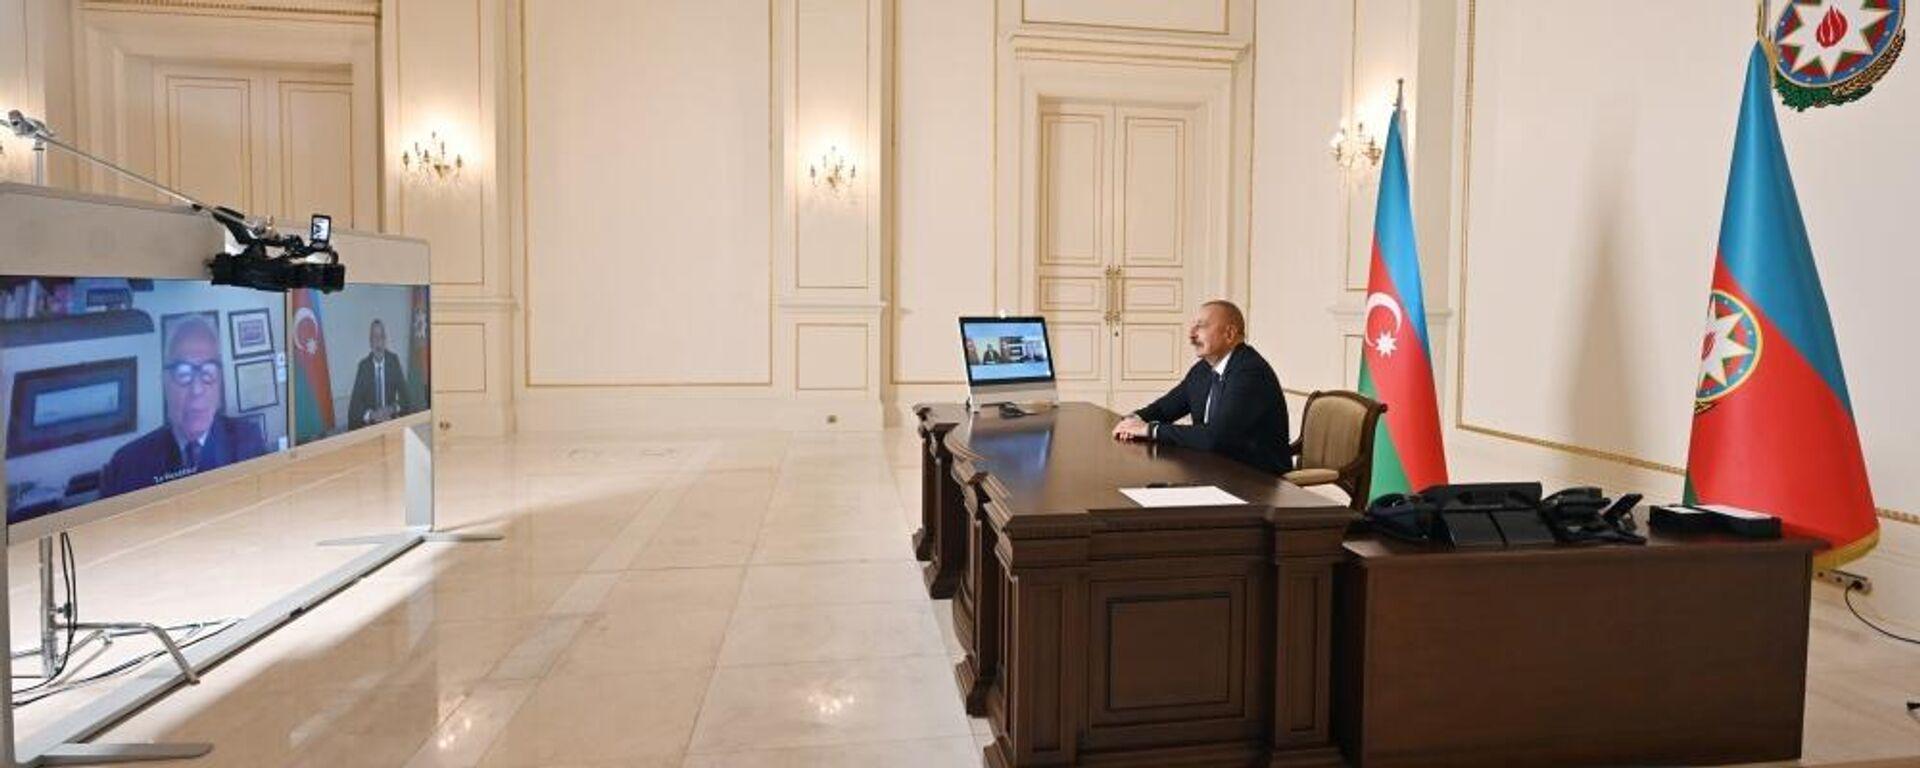 Президент Азербайджана Ильхам Алиев 7 октября дал интервью итальянской газете La Repubblica - Sputnik Azərbaycan, 1920, 13.10.2021